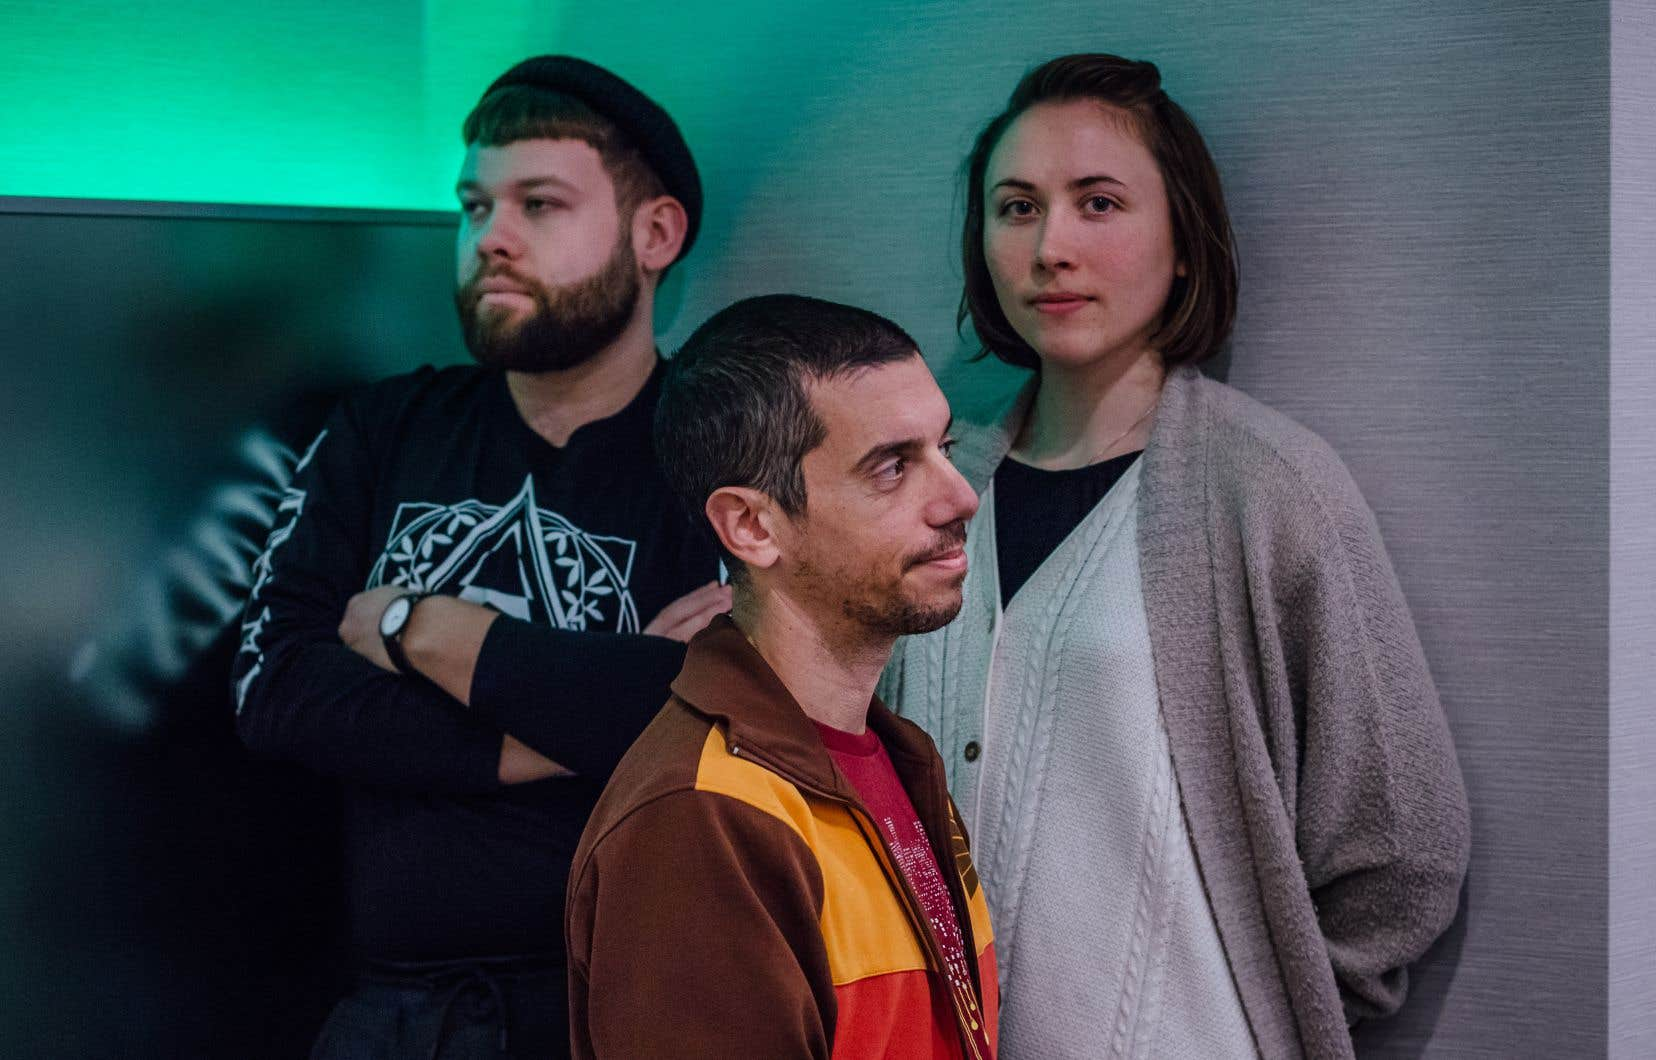 Niklas Nybom signe la musique de «Terres invisibles<i>»</i>, pièce écrite et mise en scène par Ishmael Falke et Sandrina Lindgren présentée dans le cadre du Festival de Casteliers.